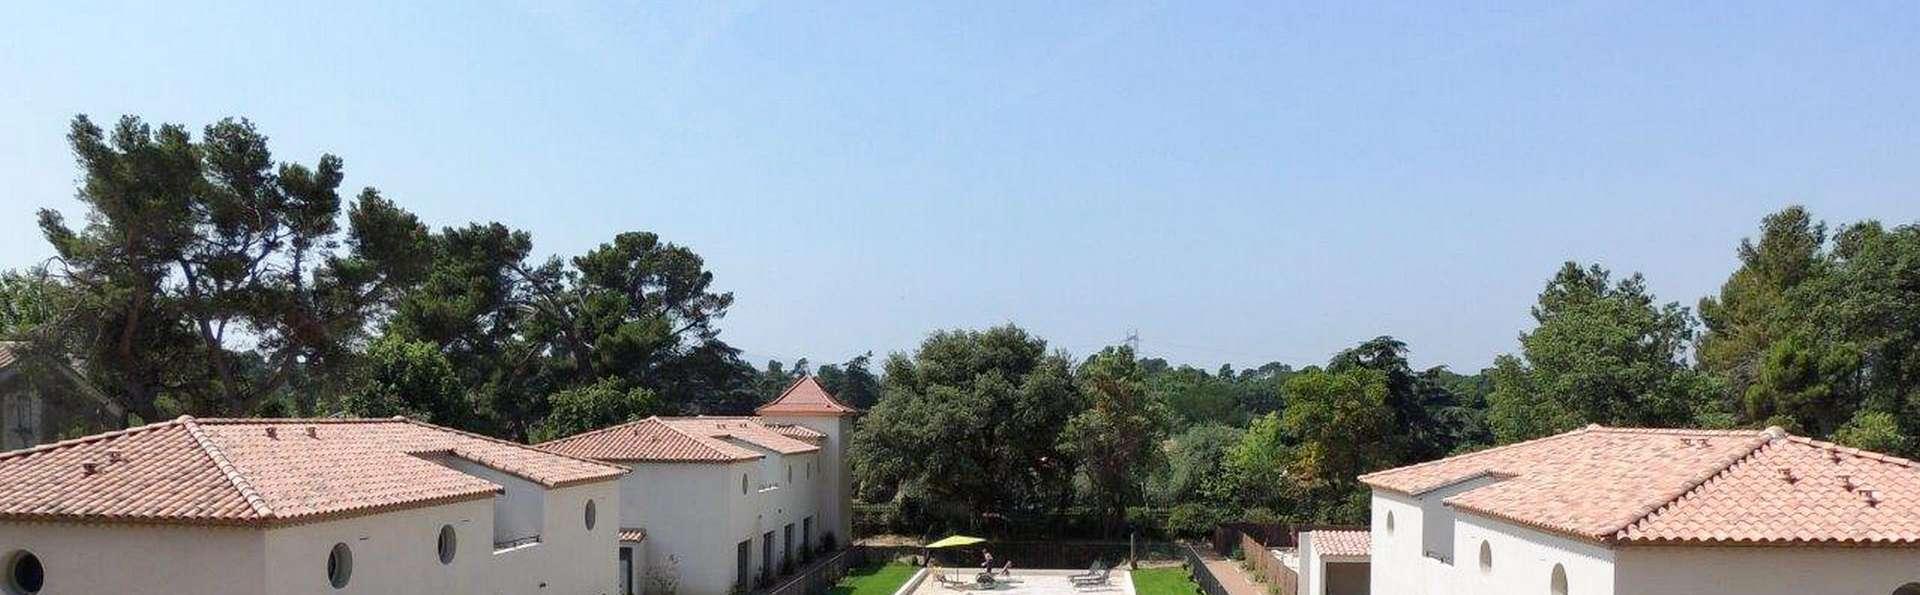 Un château au bord d'une jolie piscine près de Narbonne, vous ne rêvez pas!